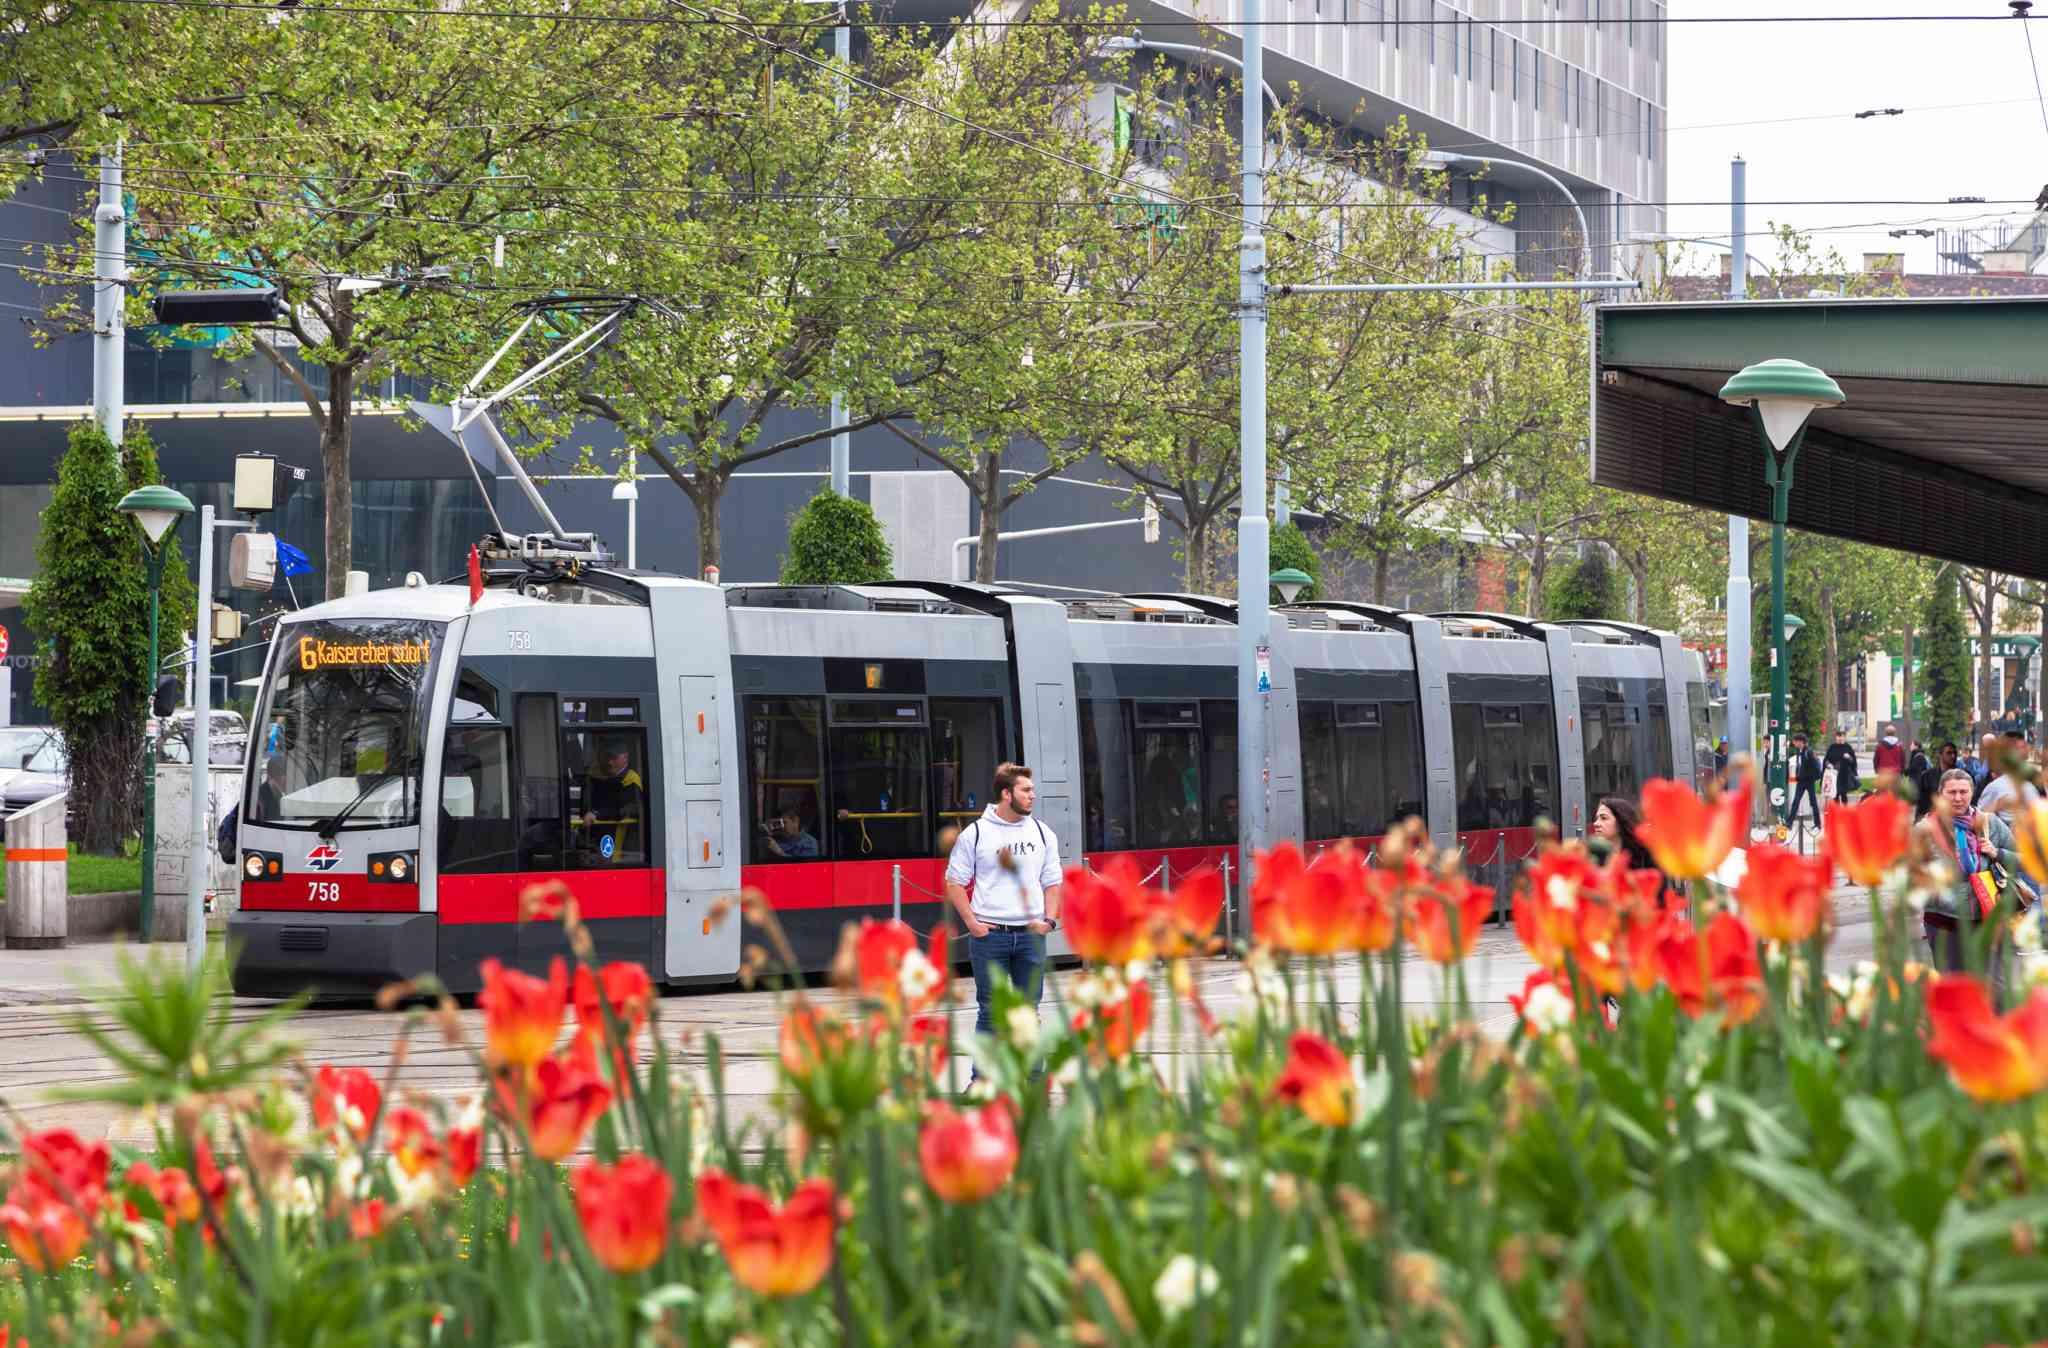 Die Linie 6 ist als längste Bim mit den meisten Triebwägen und dem höchsten Fahrgastaufkommen unsere Rekord-Straßenbahn.